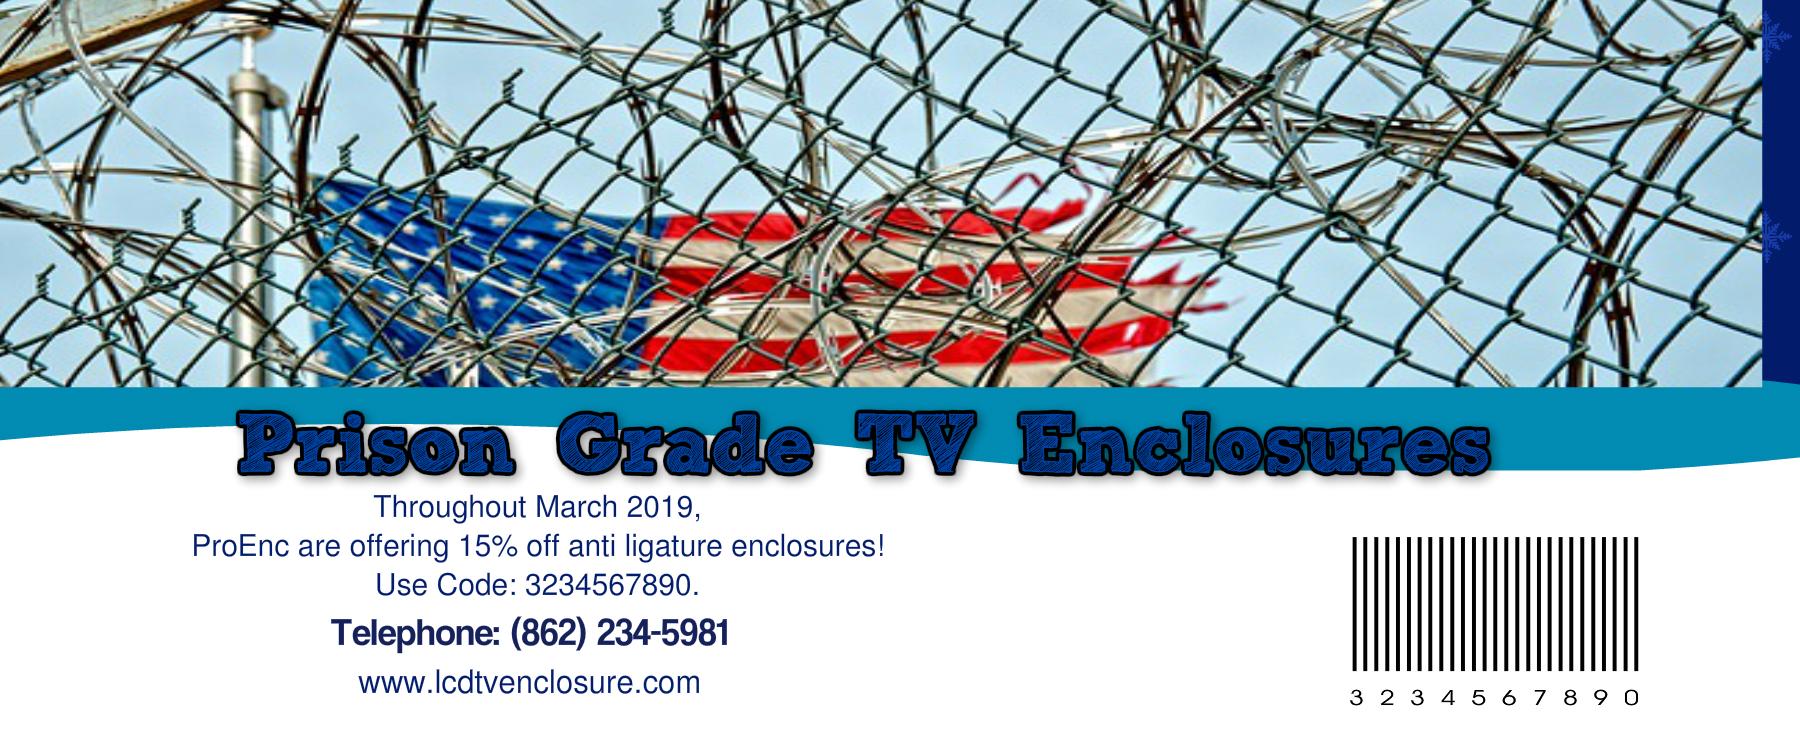 Suicide resistant tv enclosure coupon